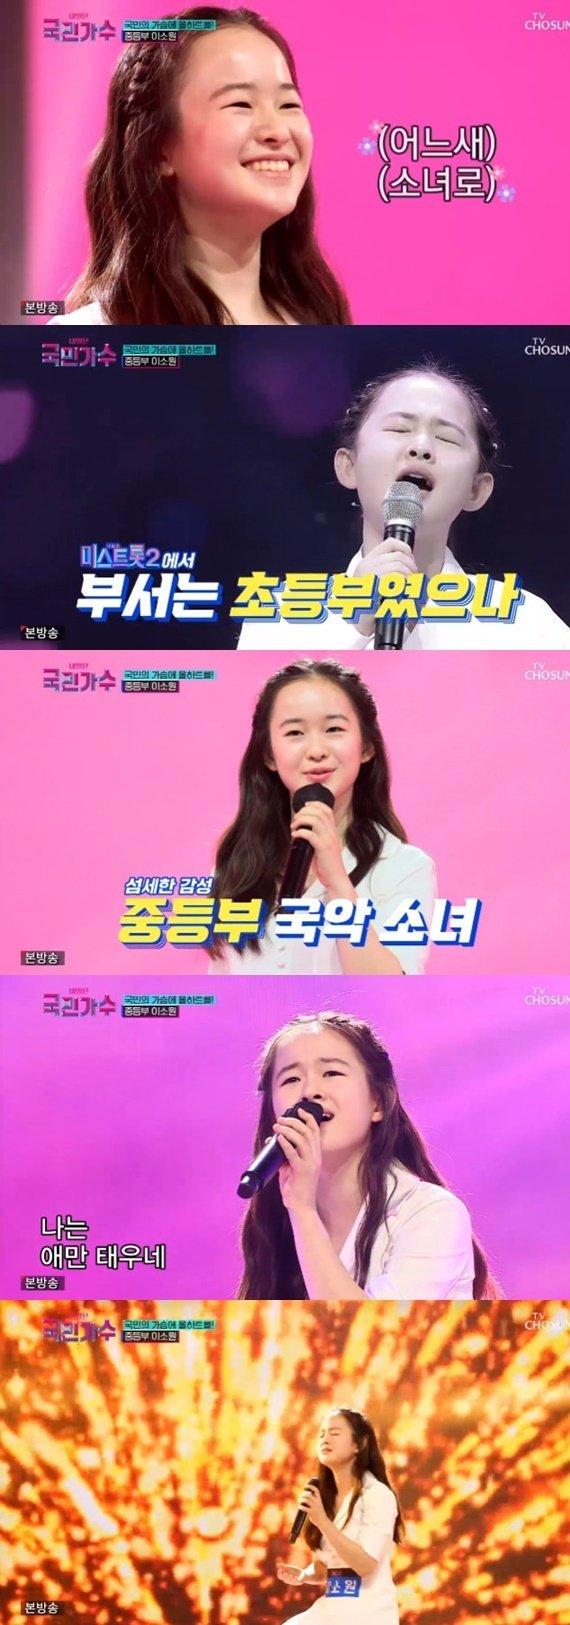 이소원, '미스트롯2' 초등부→'국민가수' 중등부로…올하트 합격